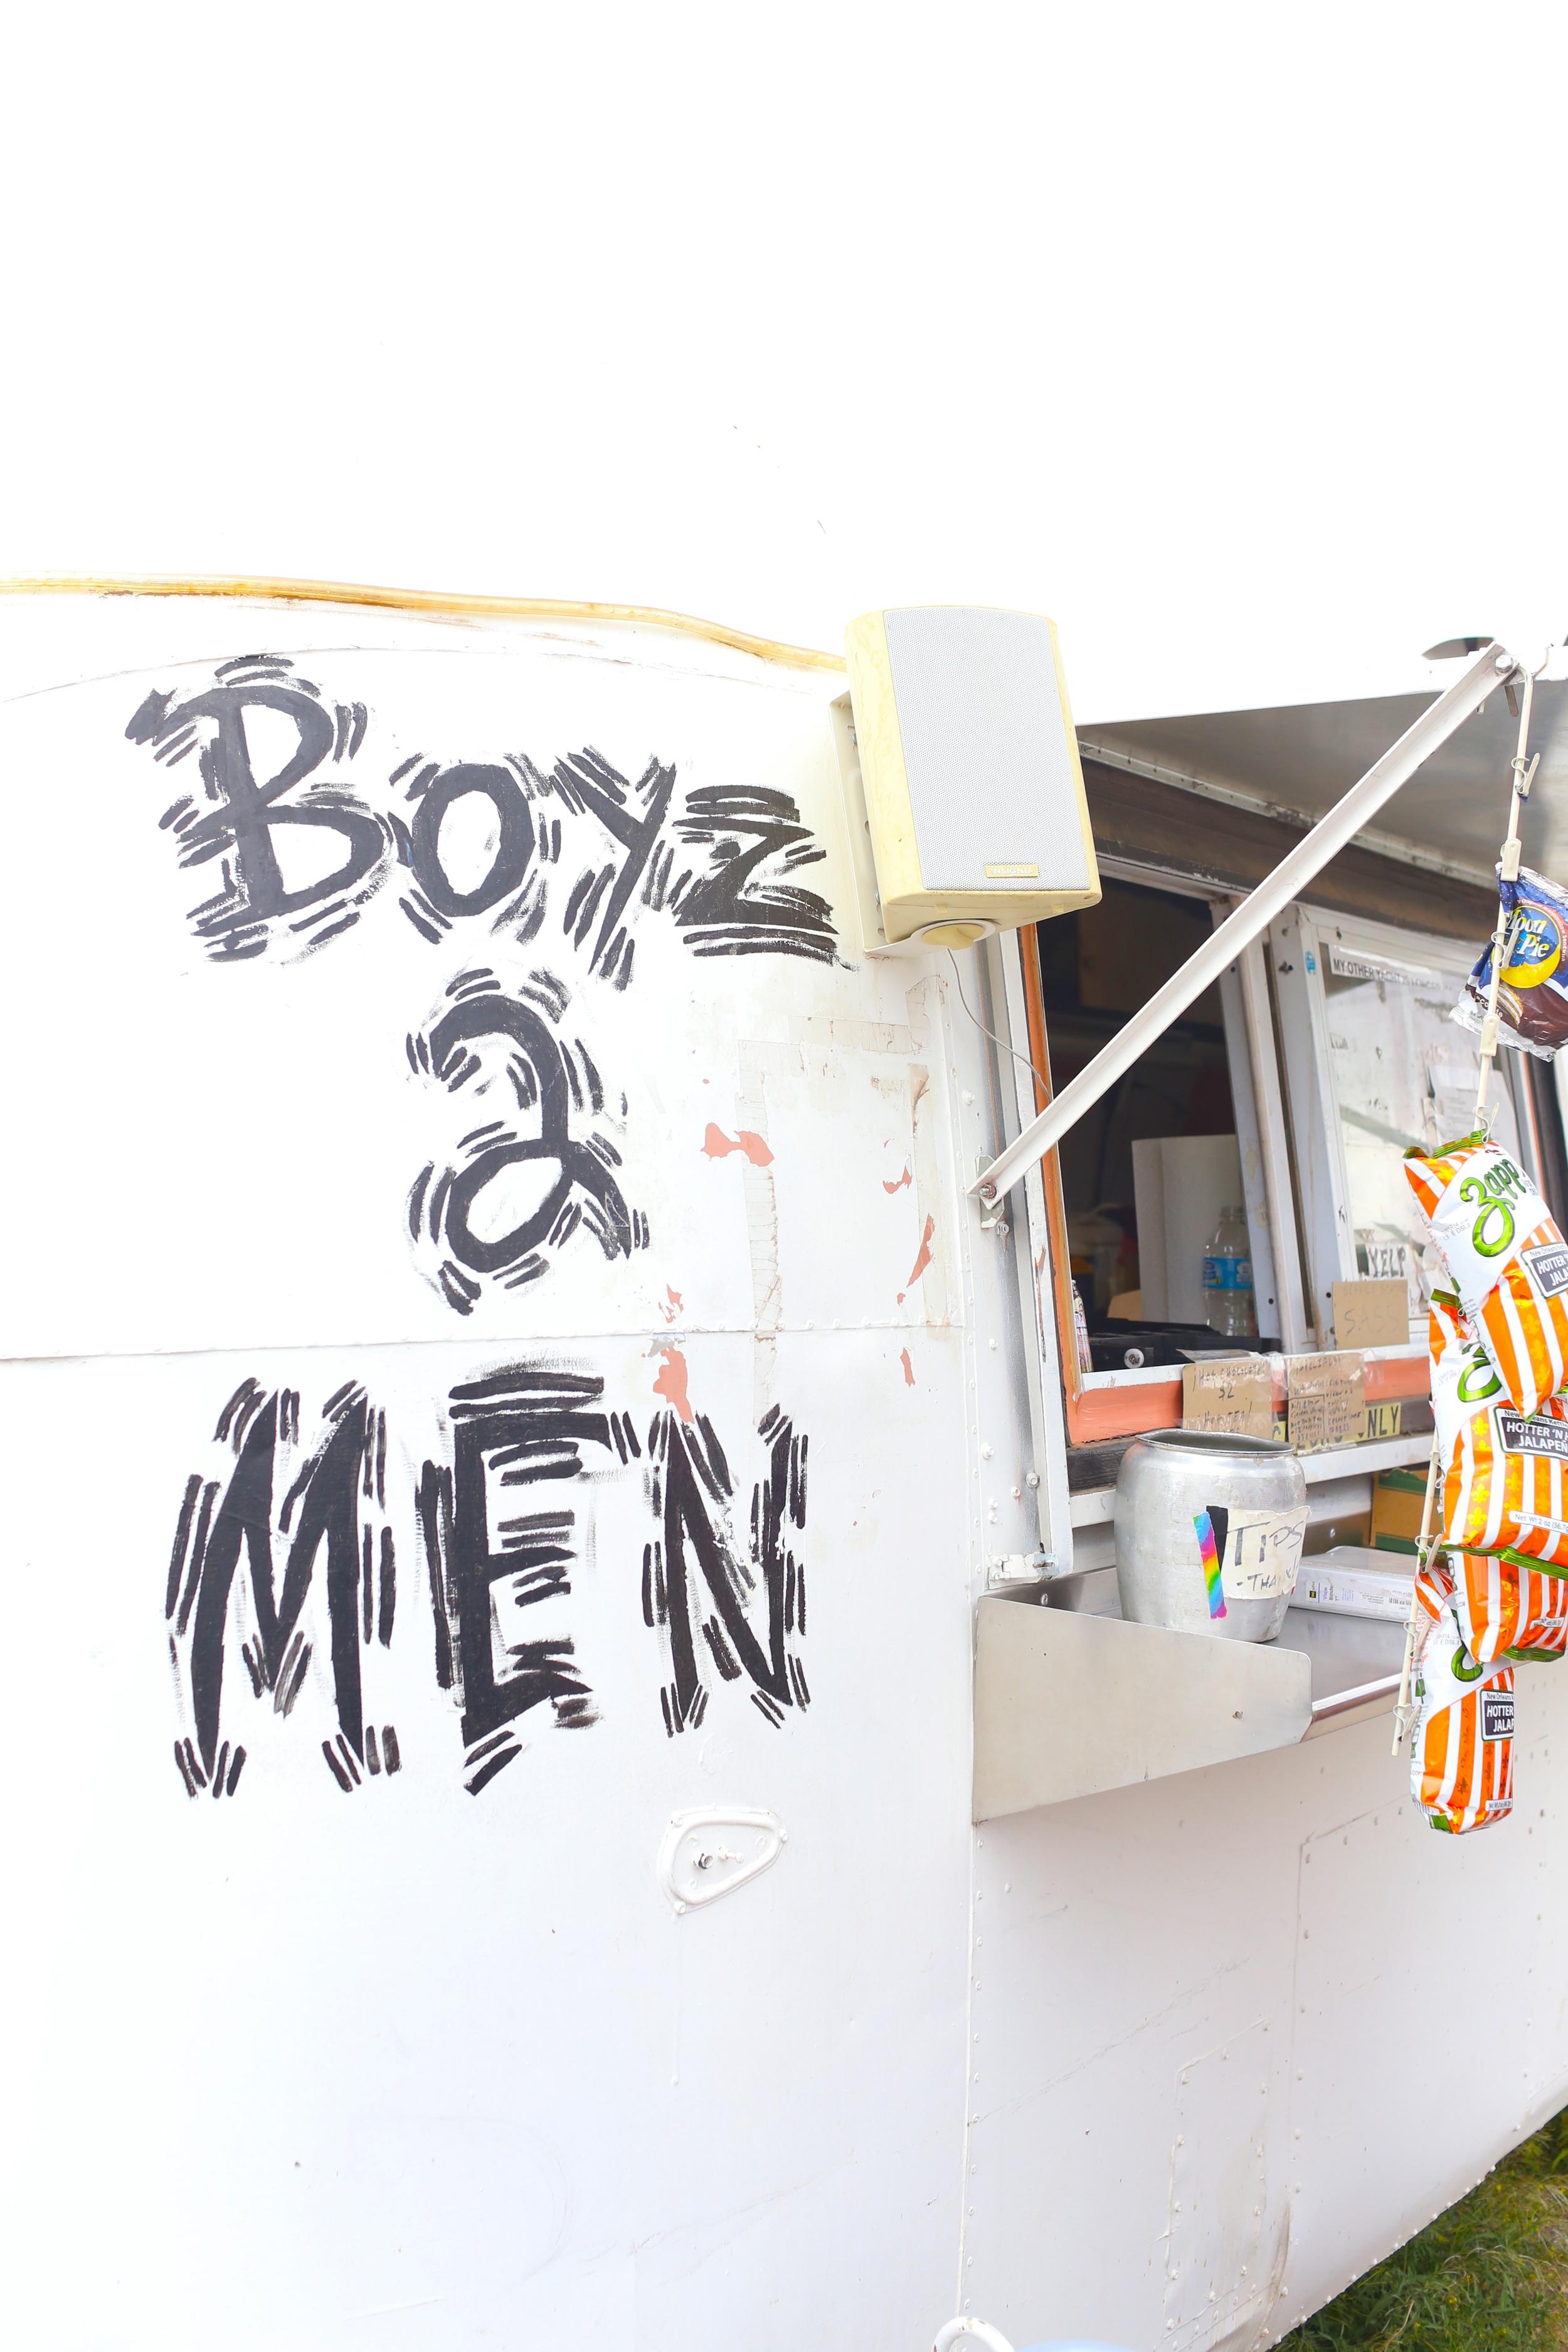 Boyz 2 Men